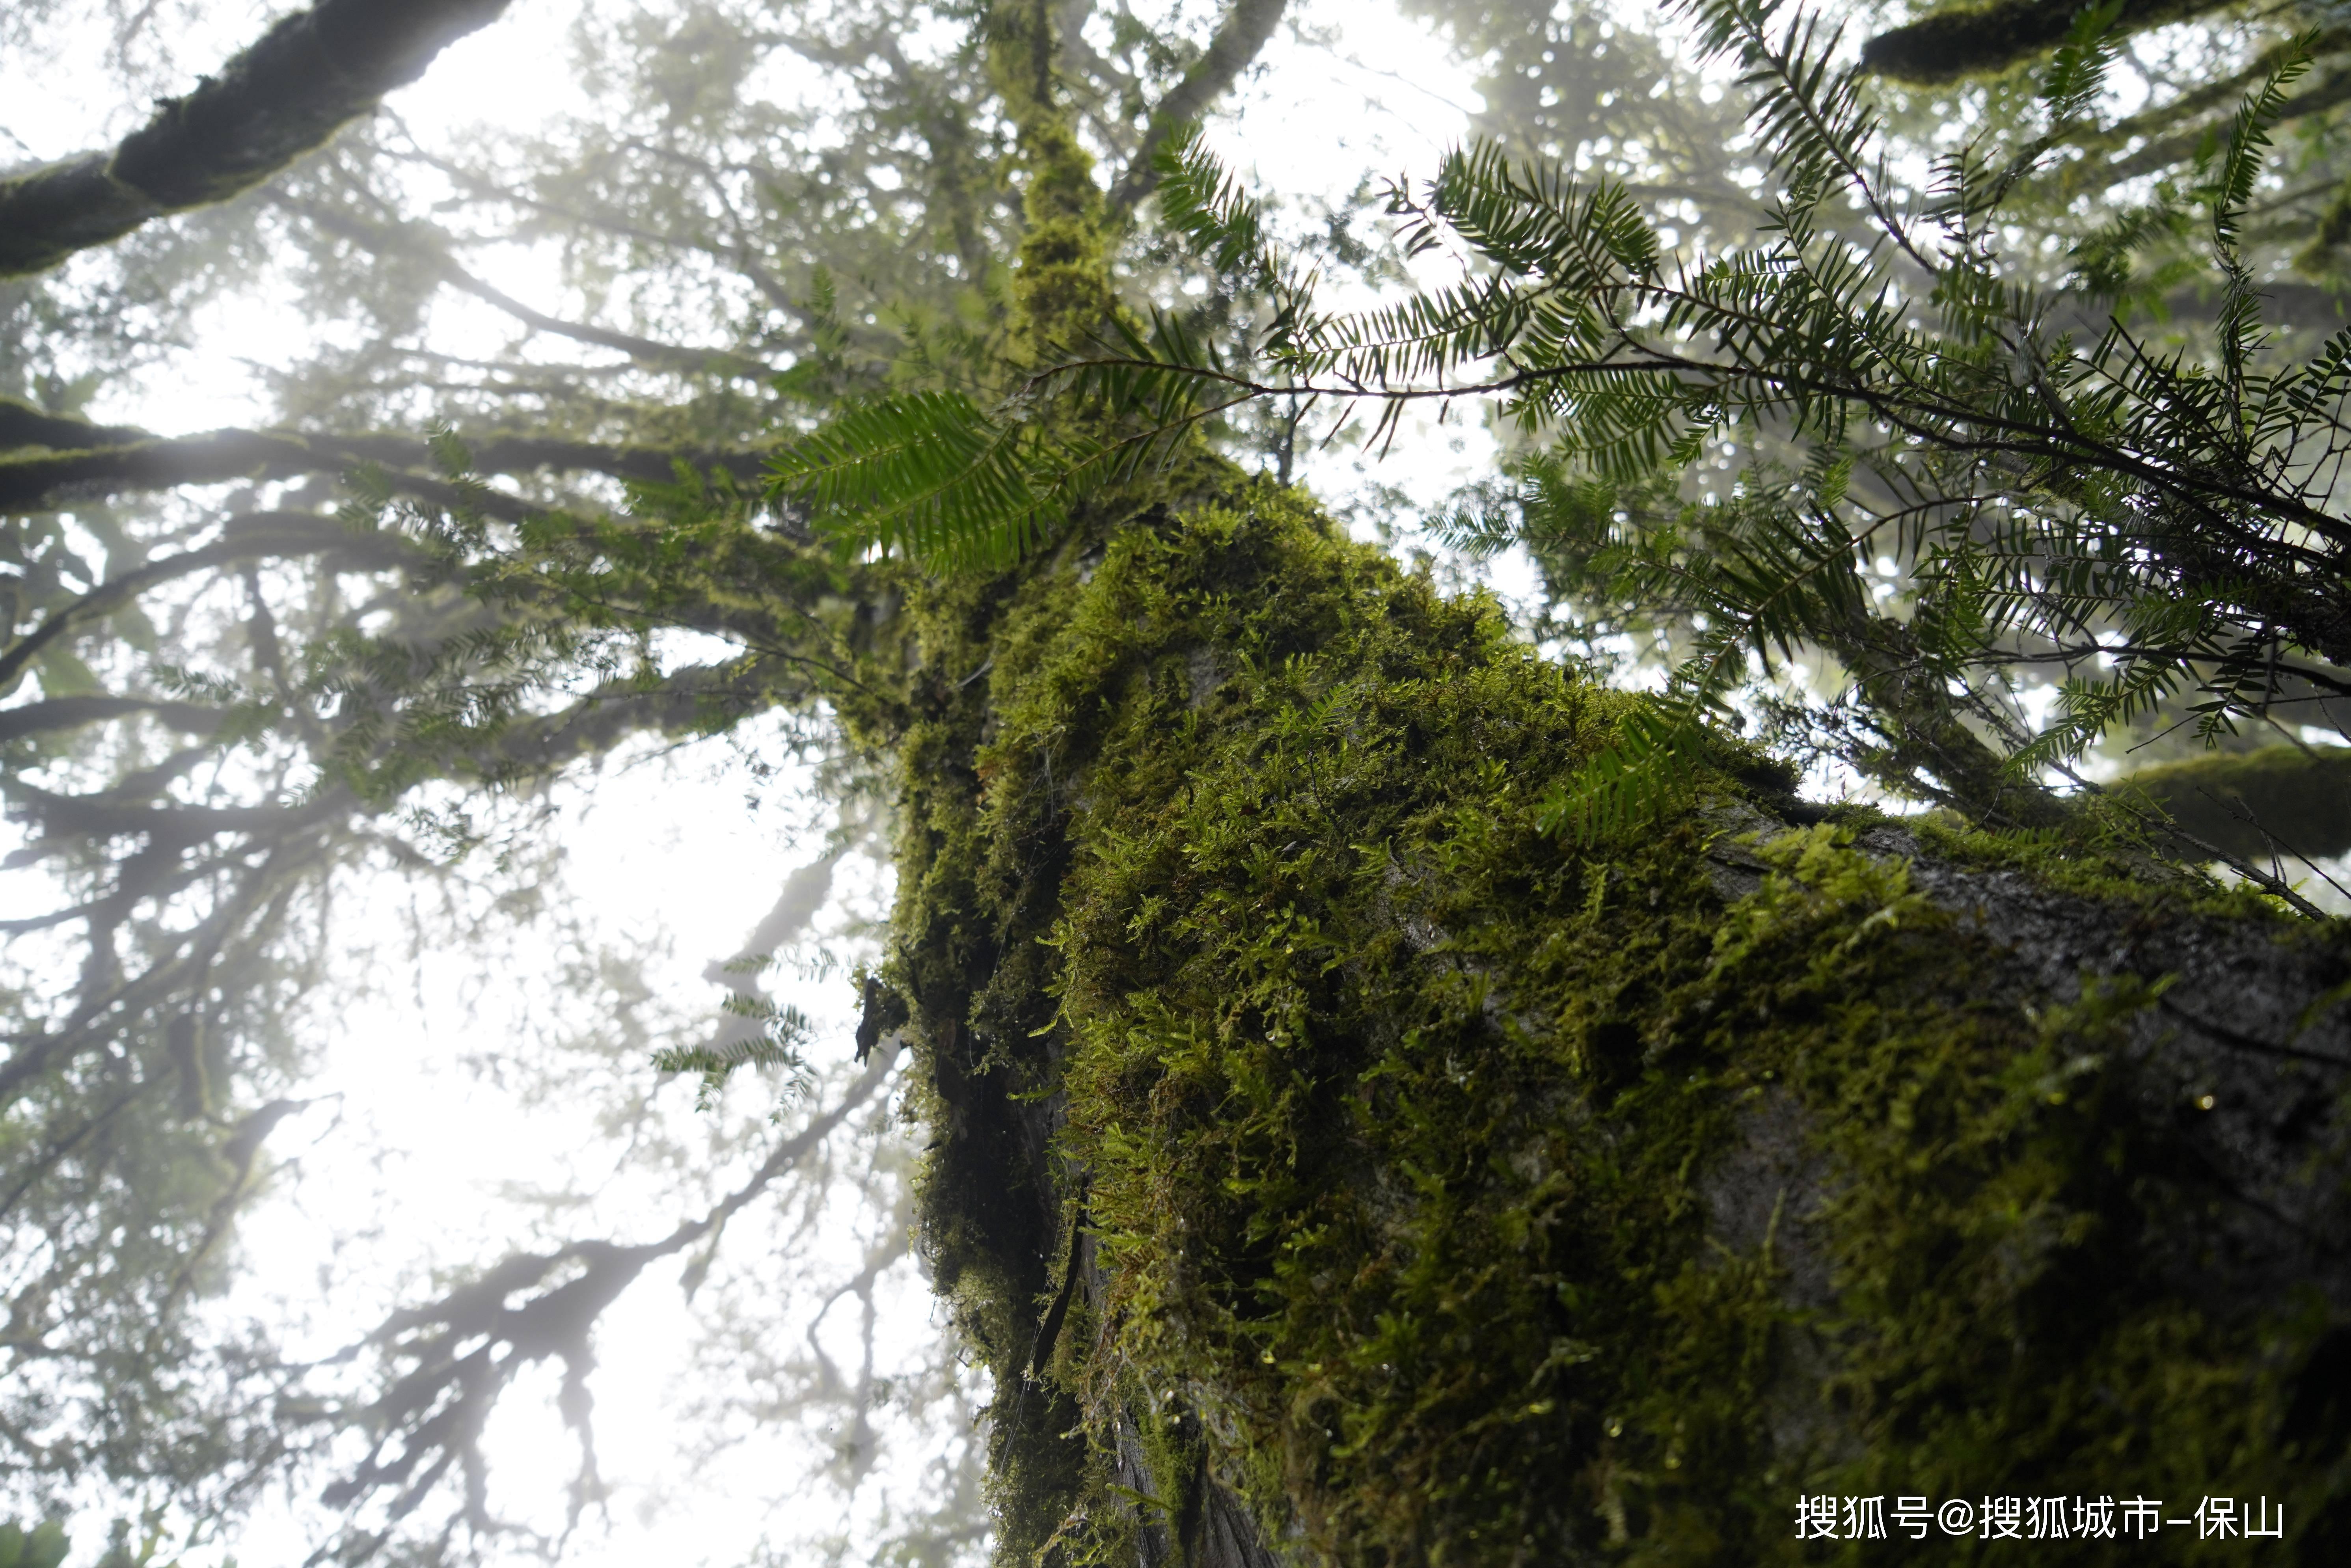 生物多样性:昌宁发现一株树龄500年以上的国家一级保护植物云南野生红豆杉